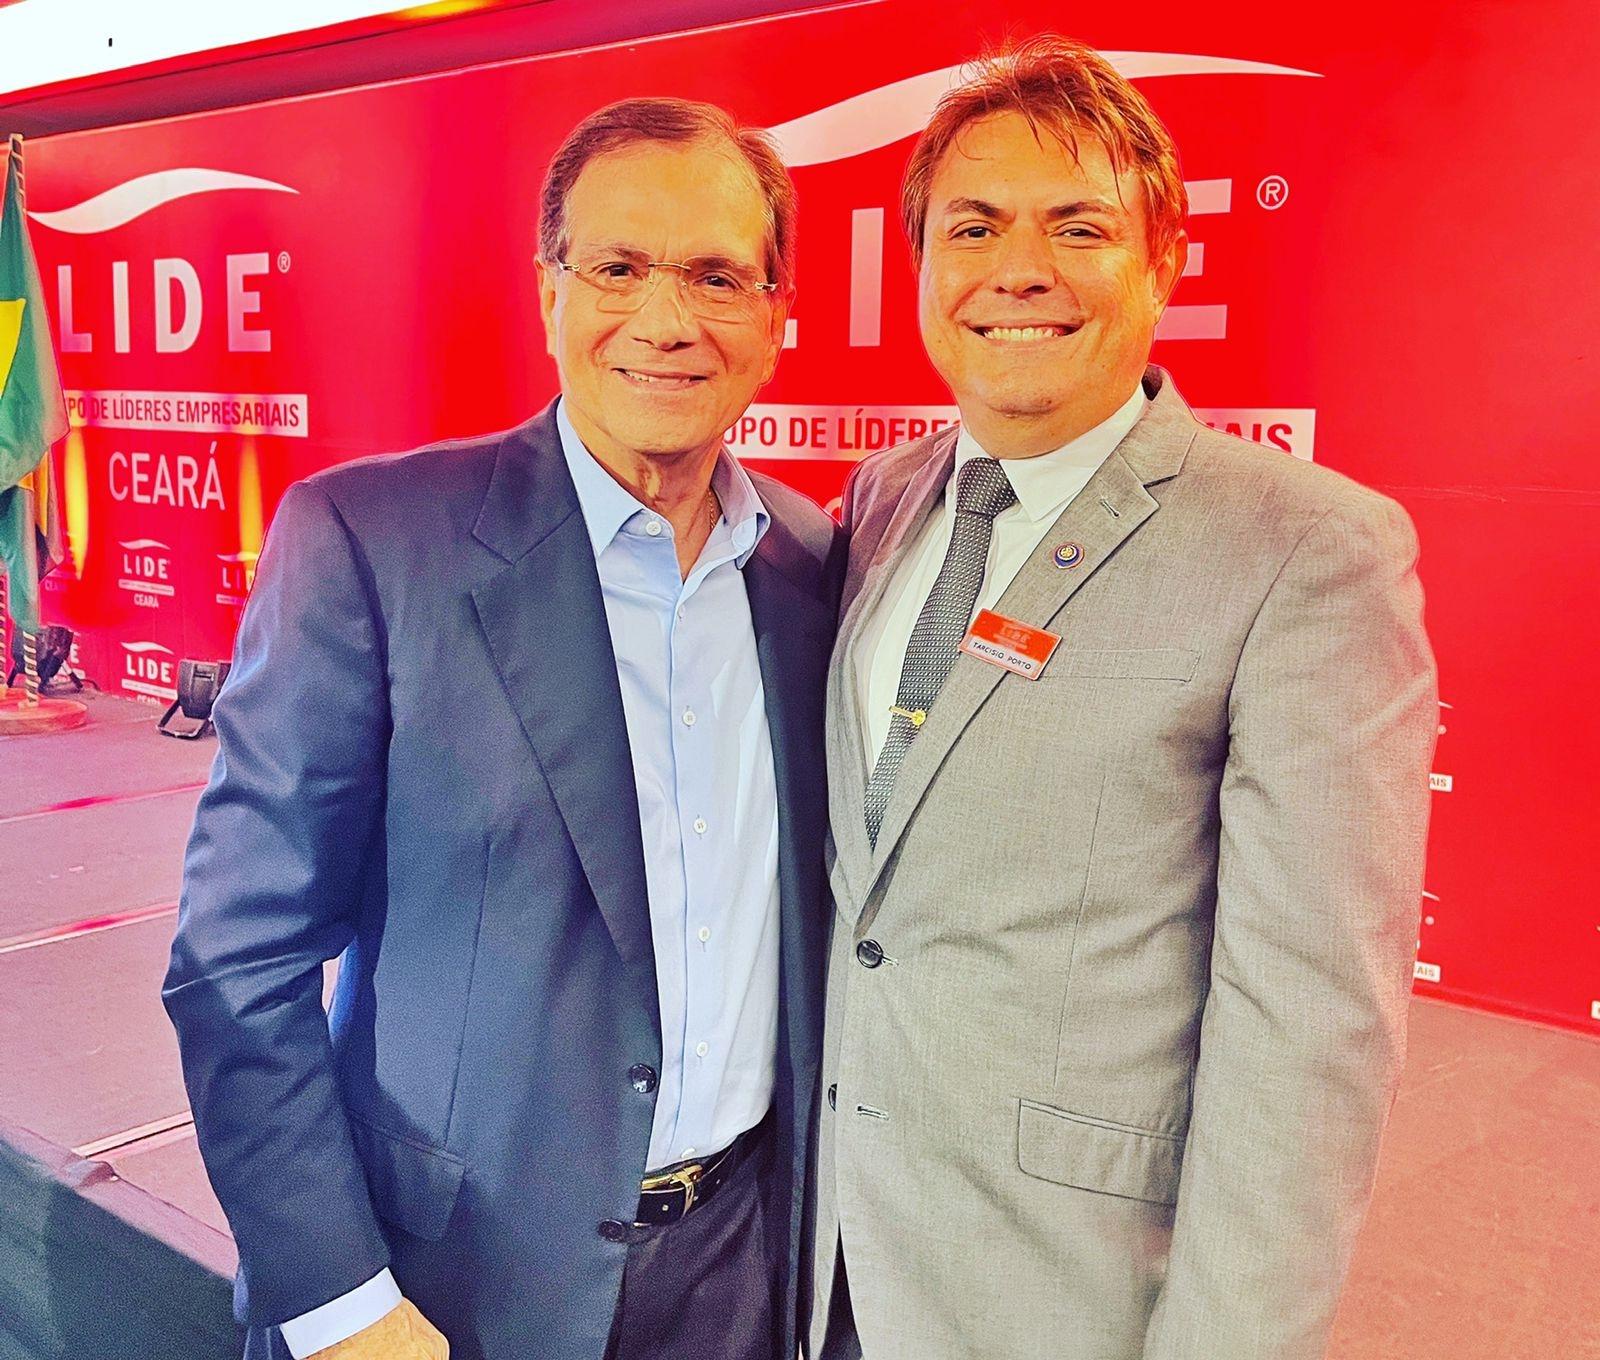 Tarcísio Porto e Beto Studart participam de evento de líderes empresariais com Jorge Gerdau